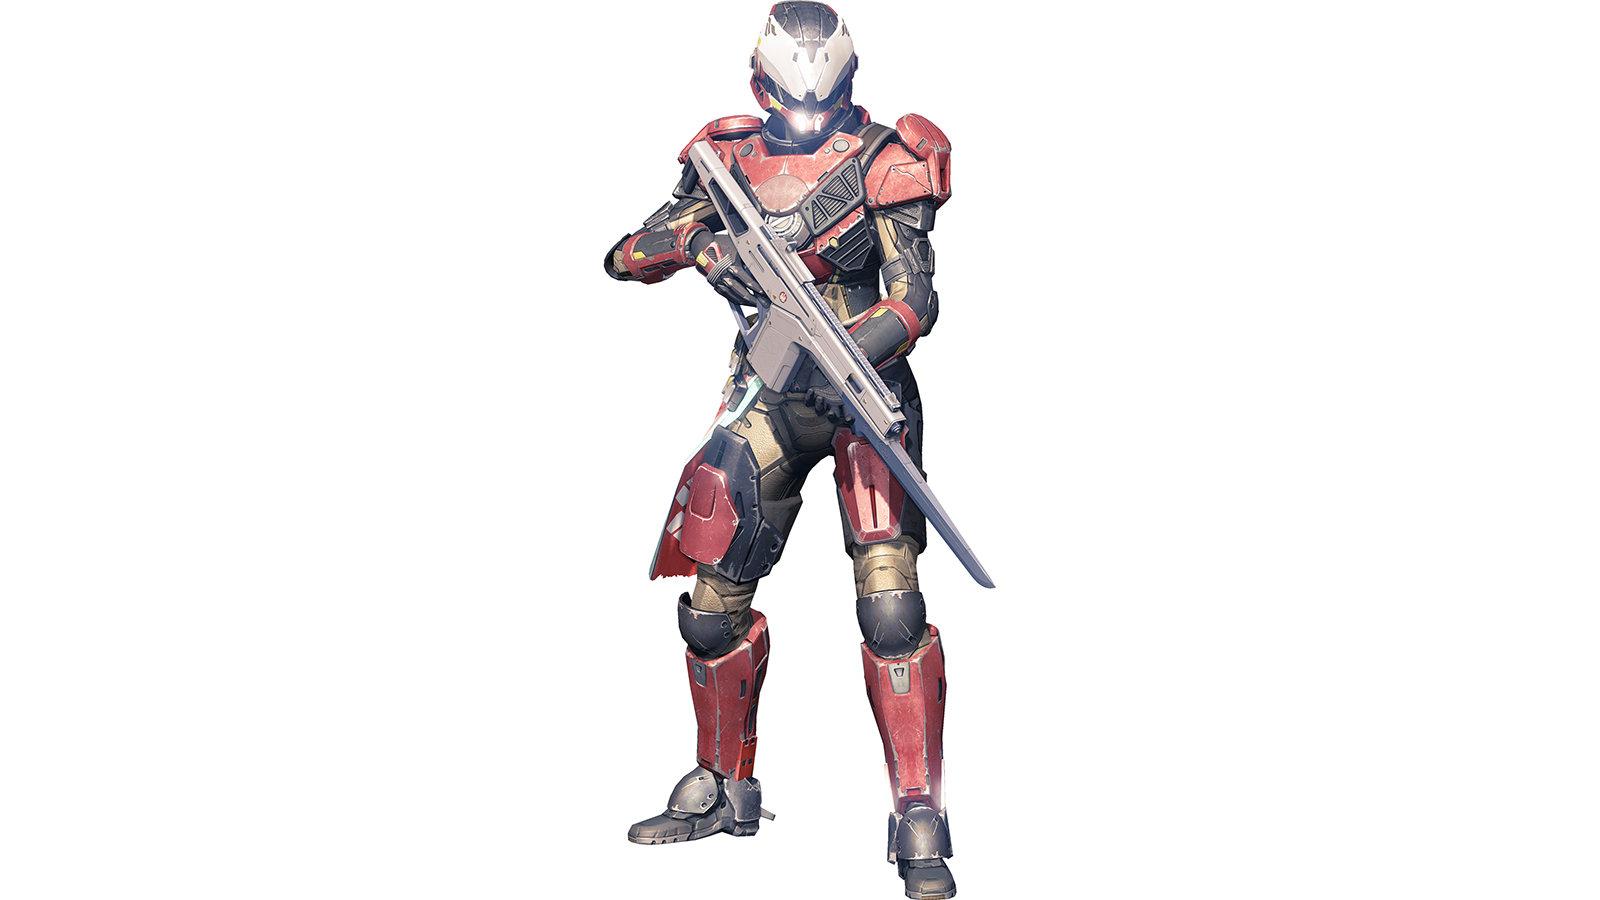 Destiny ganha uma batelada de imagens do conteúdo exclusivo ao PlayStation